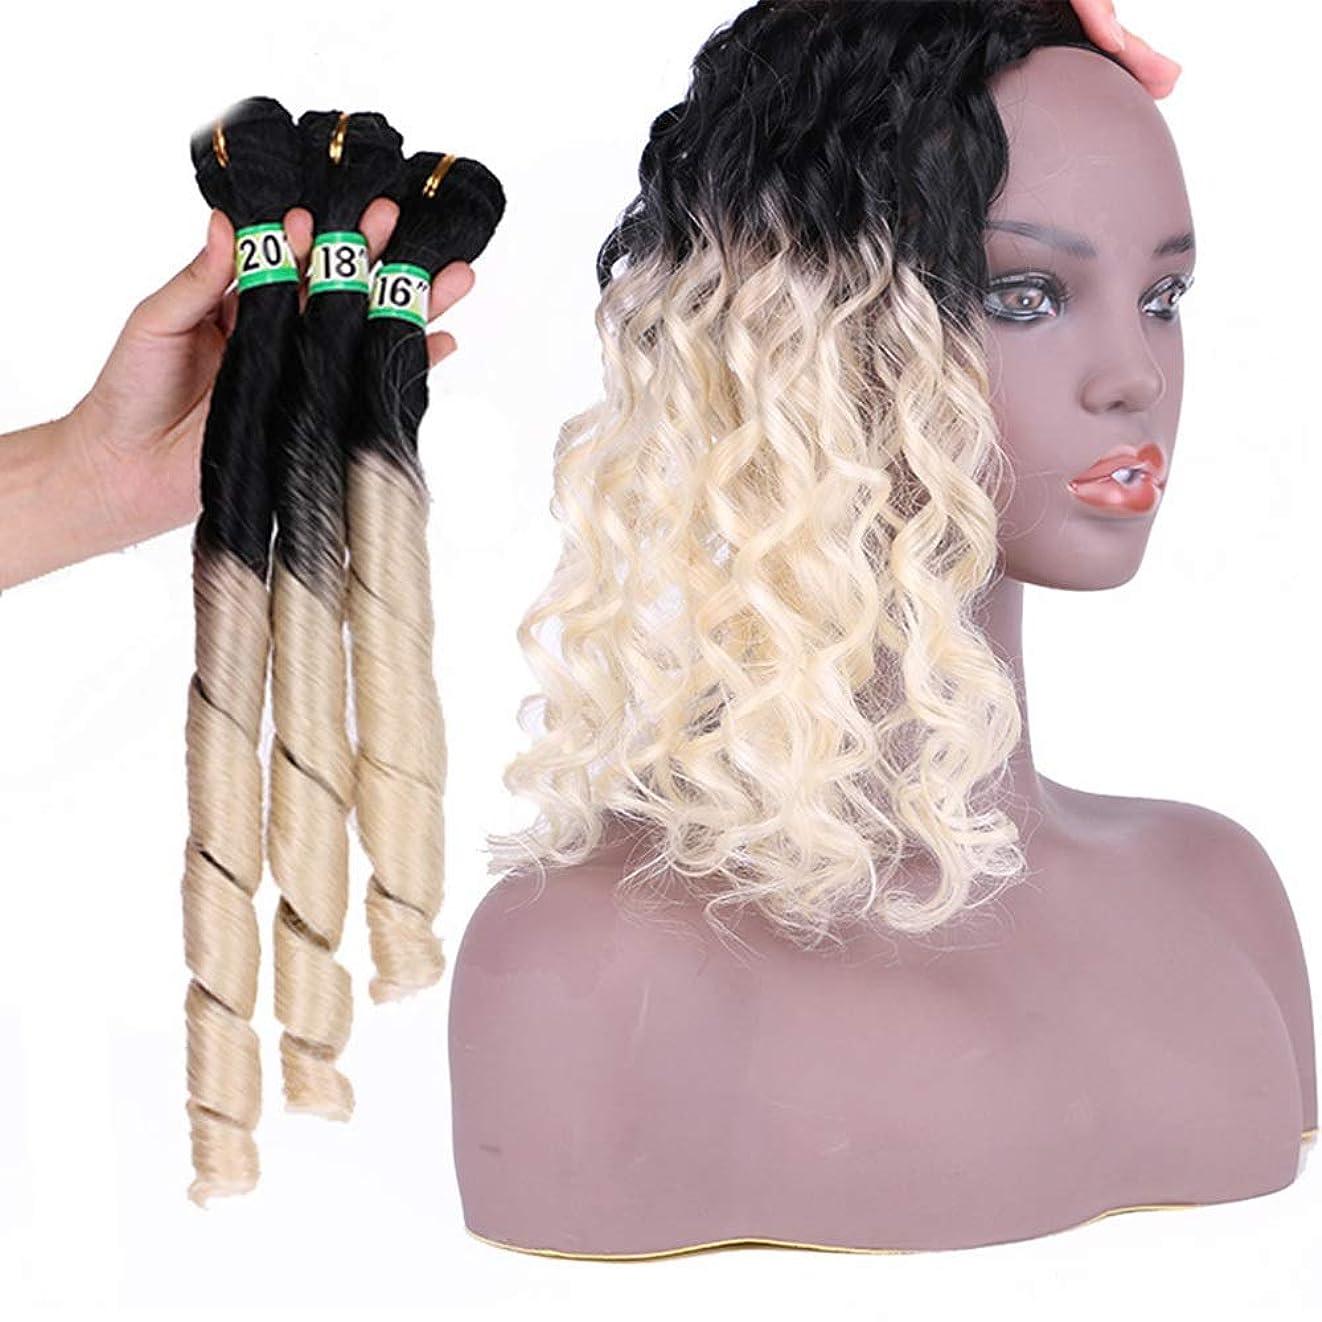 バリケード温室インデックスYrattary 3バンドル人工毛ブラジル春巻き毛織りエクステンション - T1 / 613黒グラデーションブロンド複合毛レースかつらロールプレイングかつらロングとショートの女性自然 (色 : Blonde, サイズ : 16